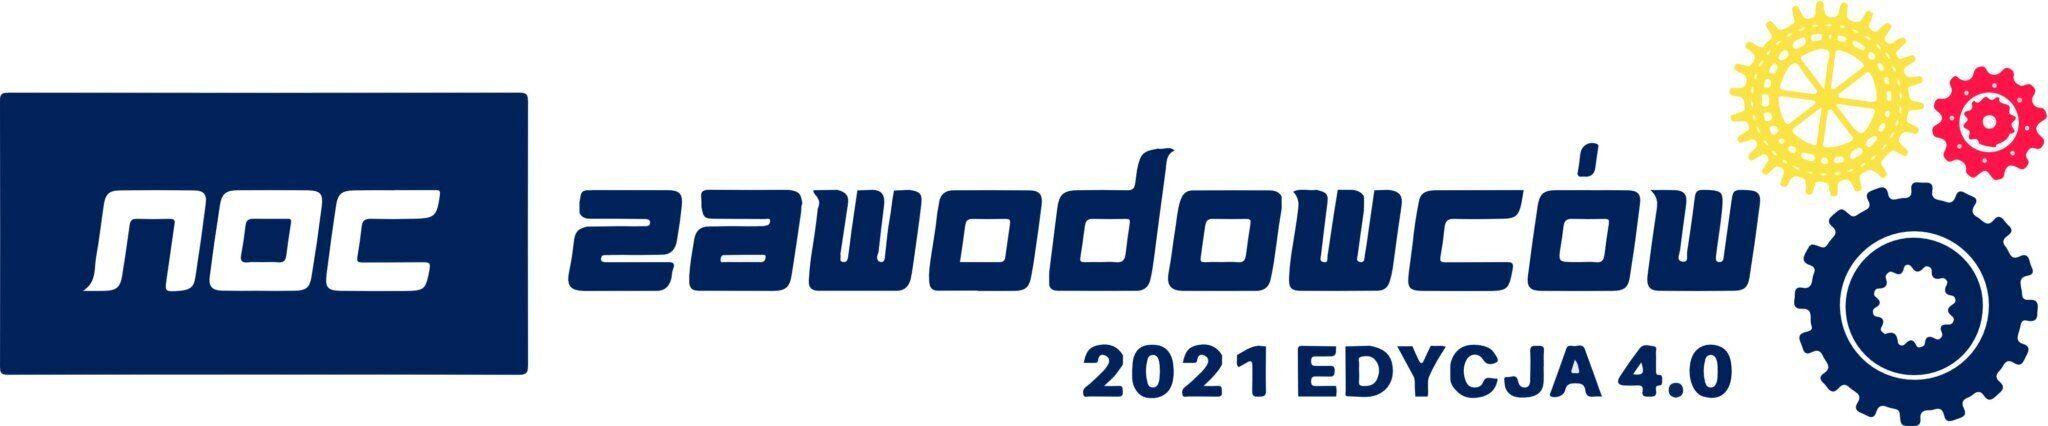 NOC ZAWODOWCÓW 2021 Edycja 4.0